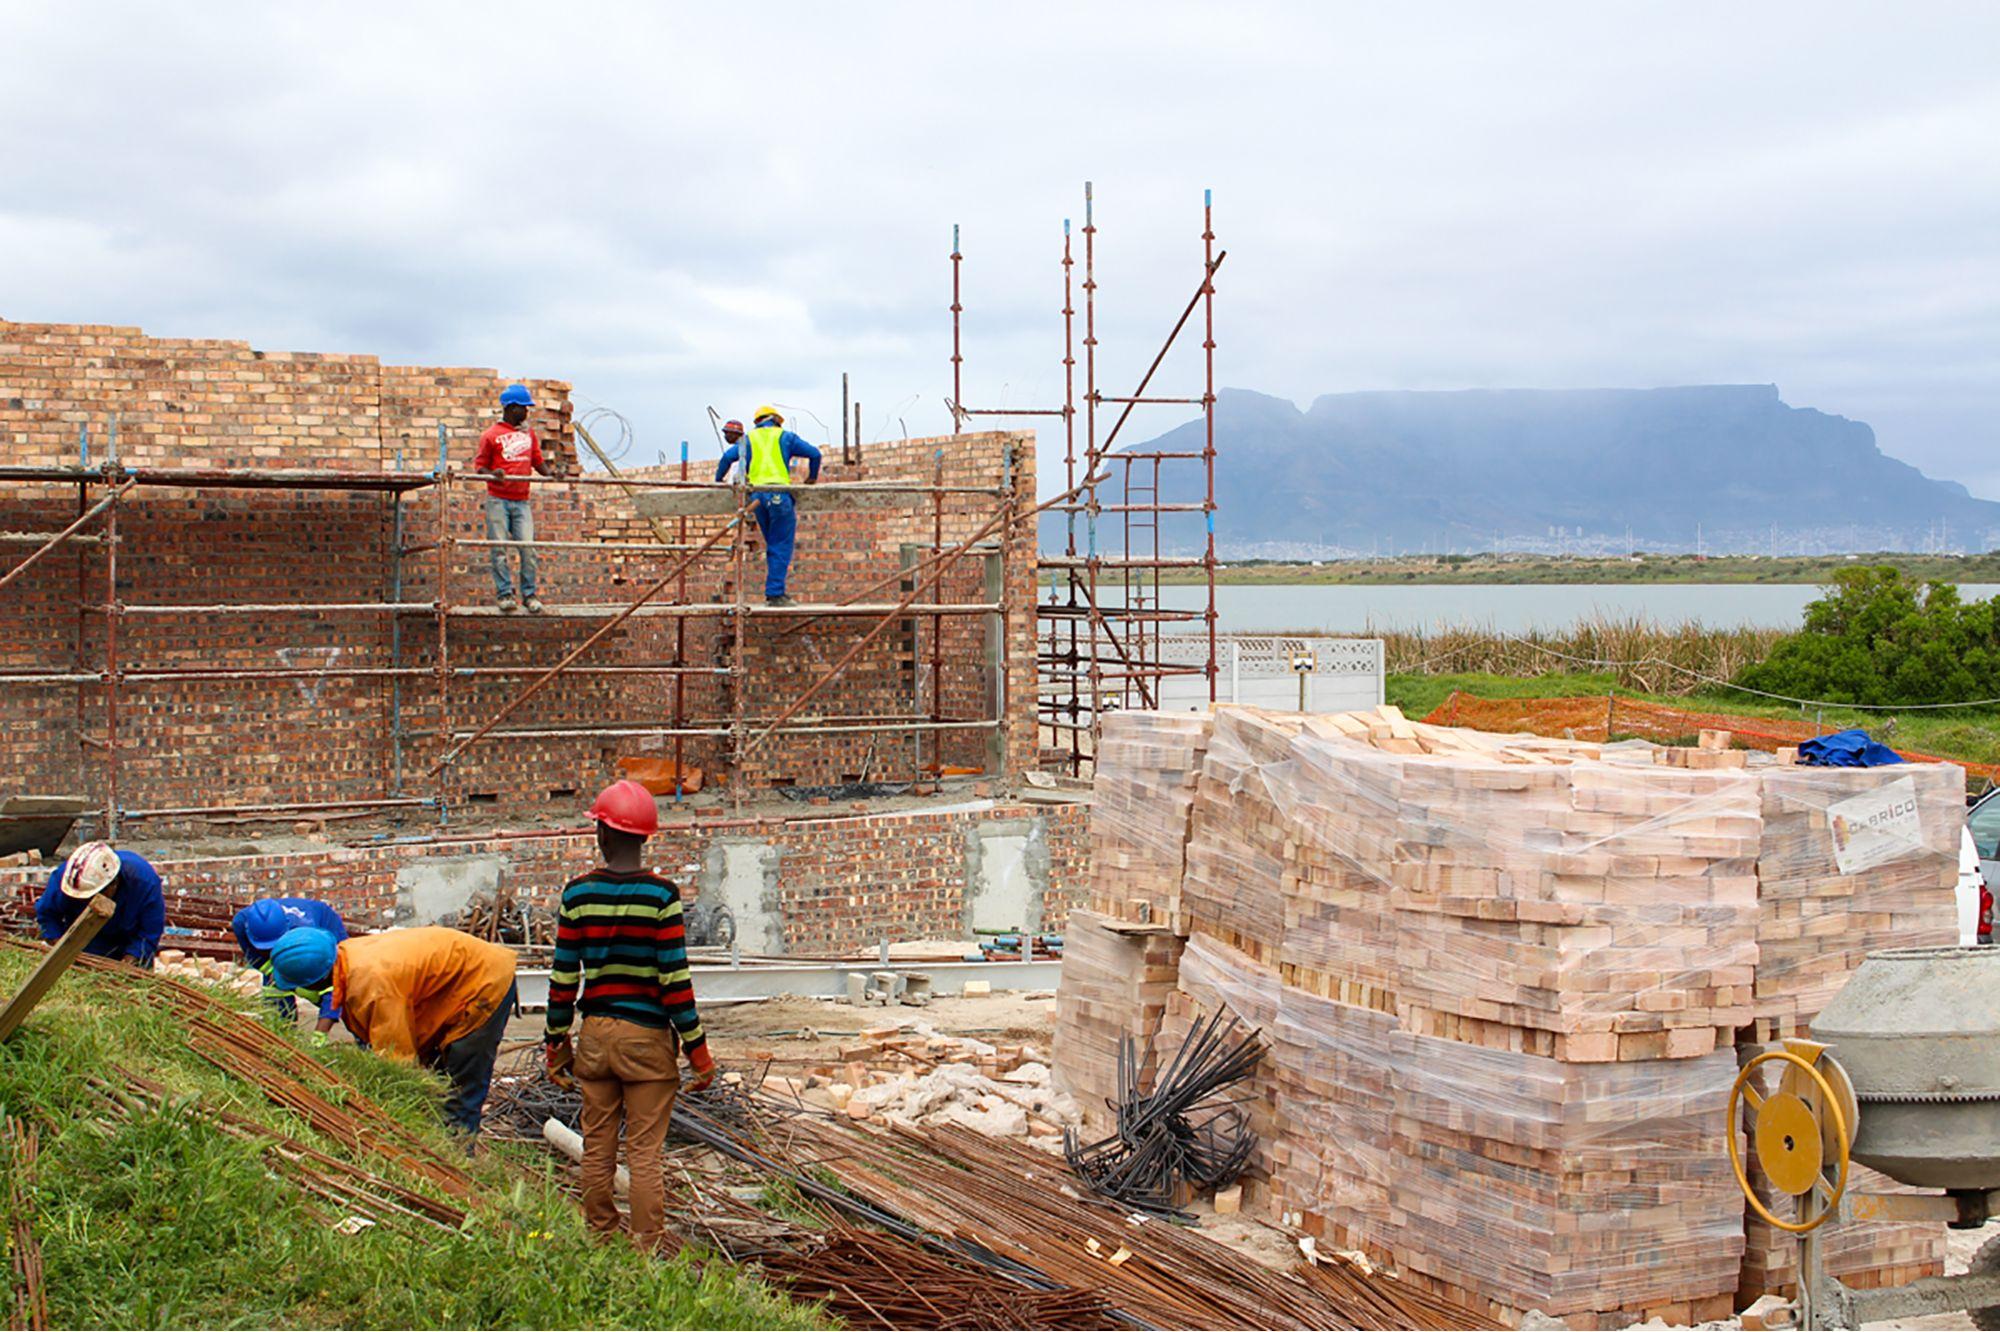 Watertight admixture advances level of waterproof concrete for SANCCOB rehabilitation centre